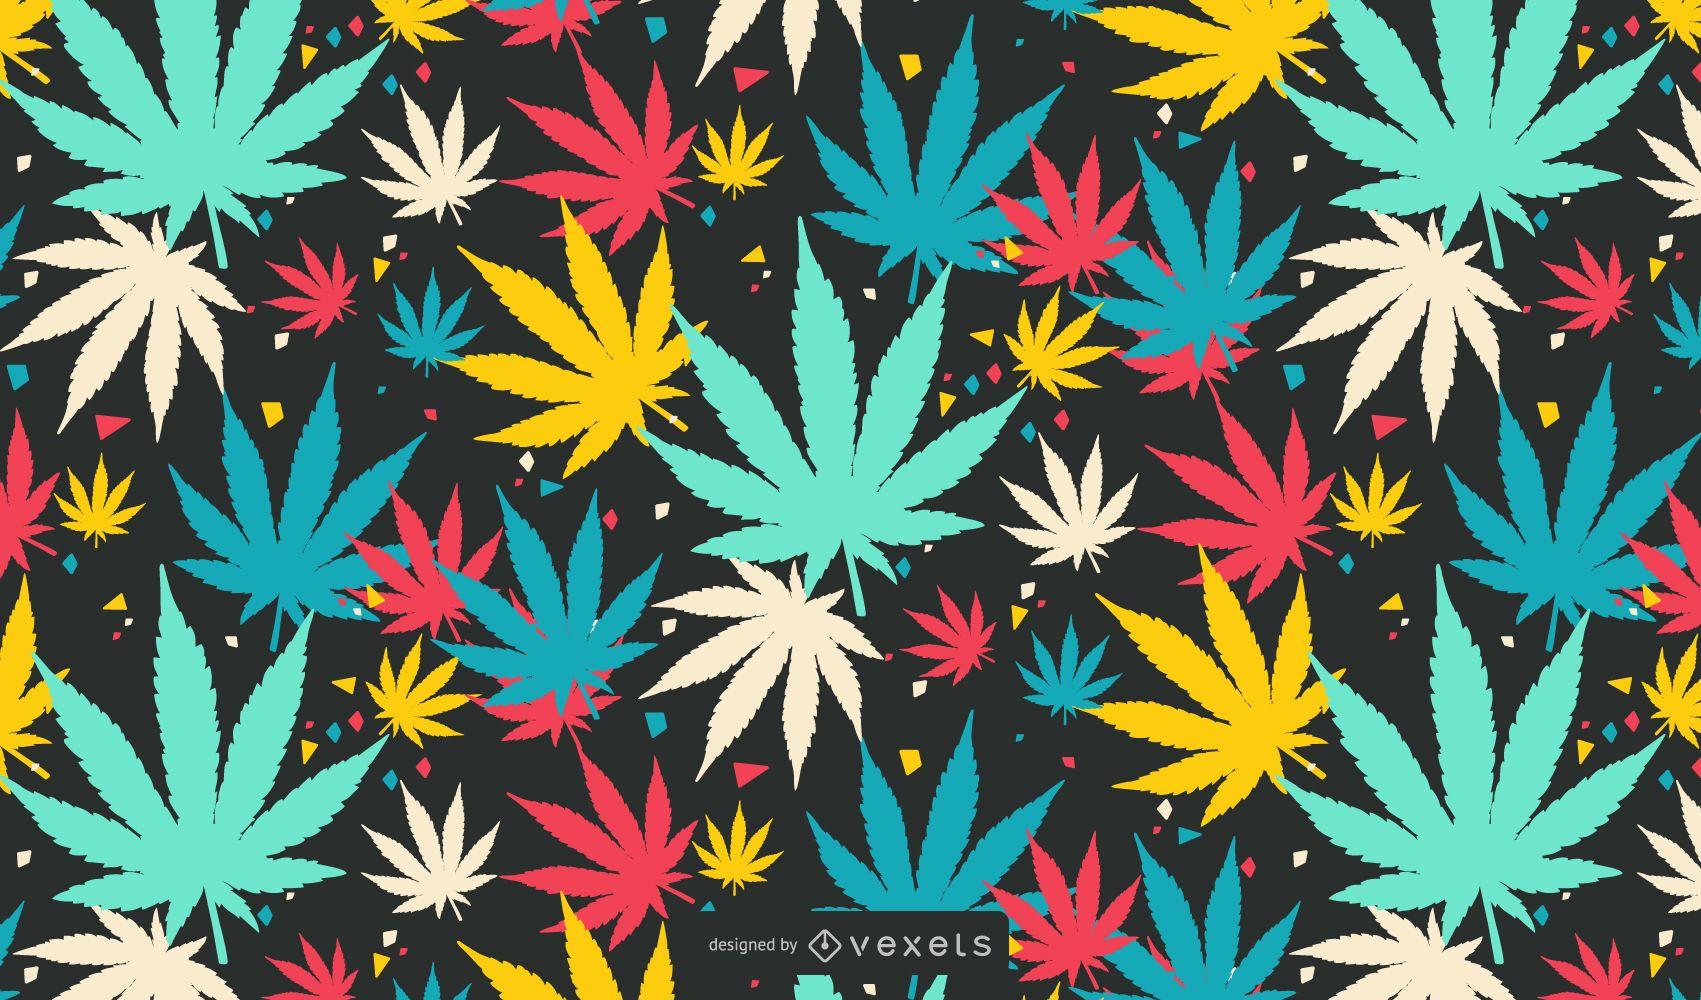 Vetor NixVex grátis de folhas coloridas